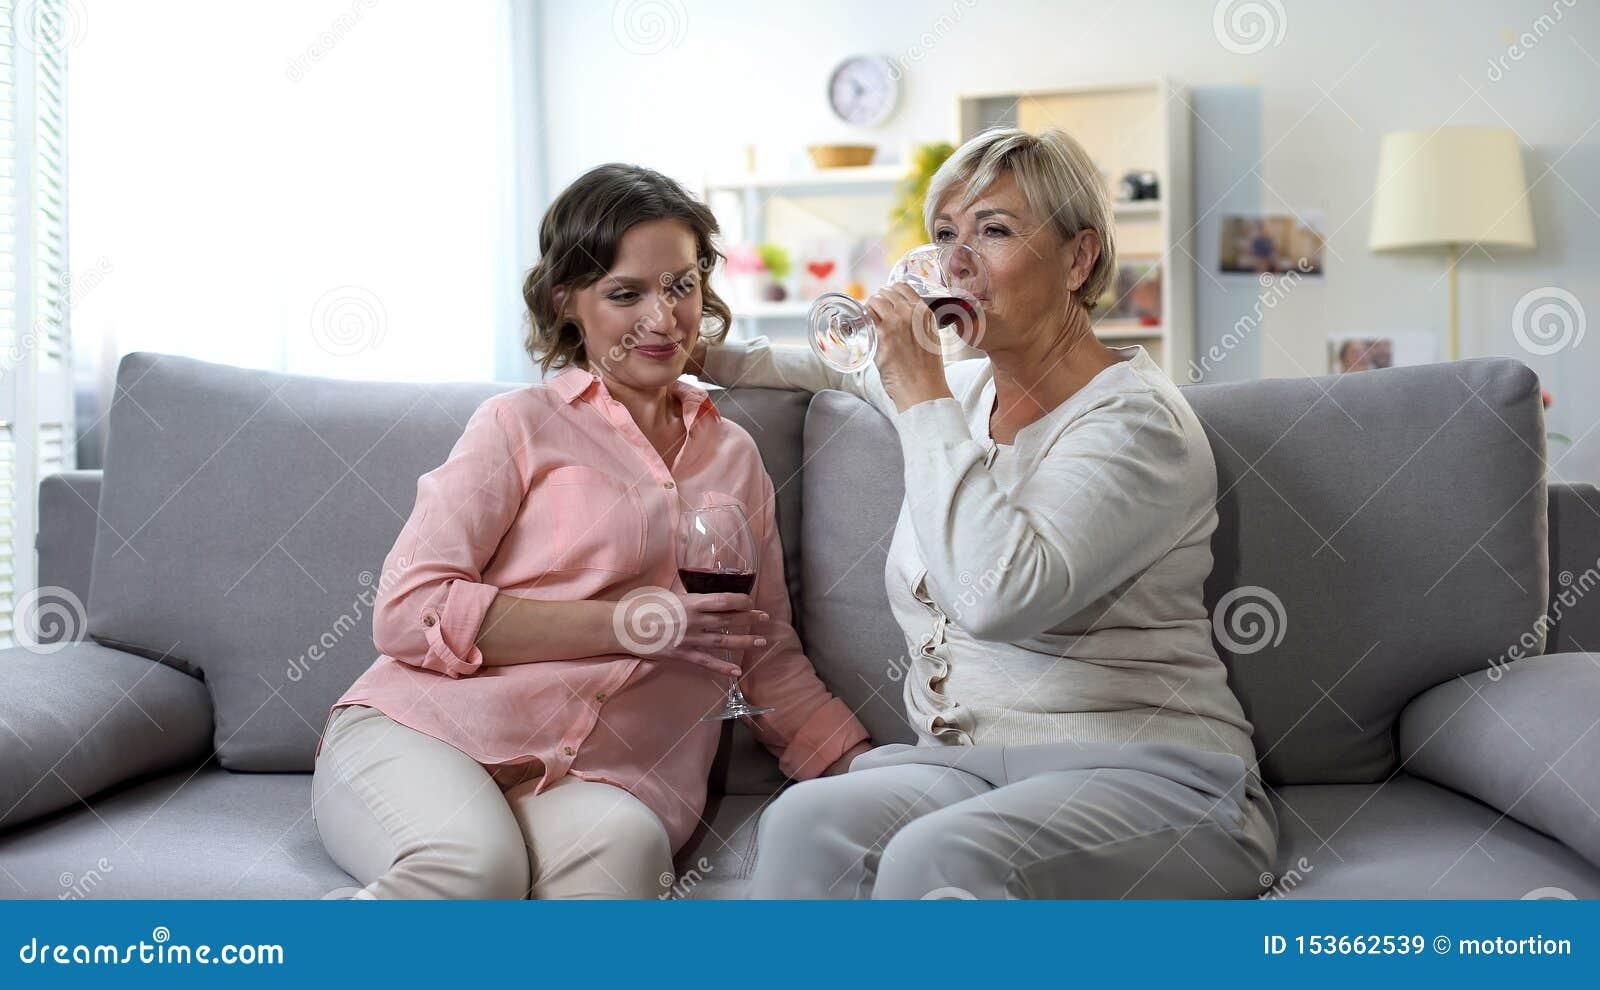 Vinho bebendo de conversa de sorriso da mãe e da filha em casa, relações macias